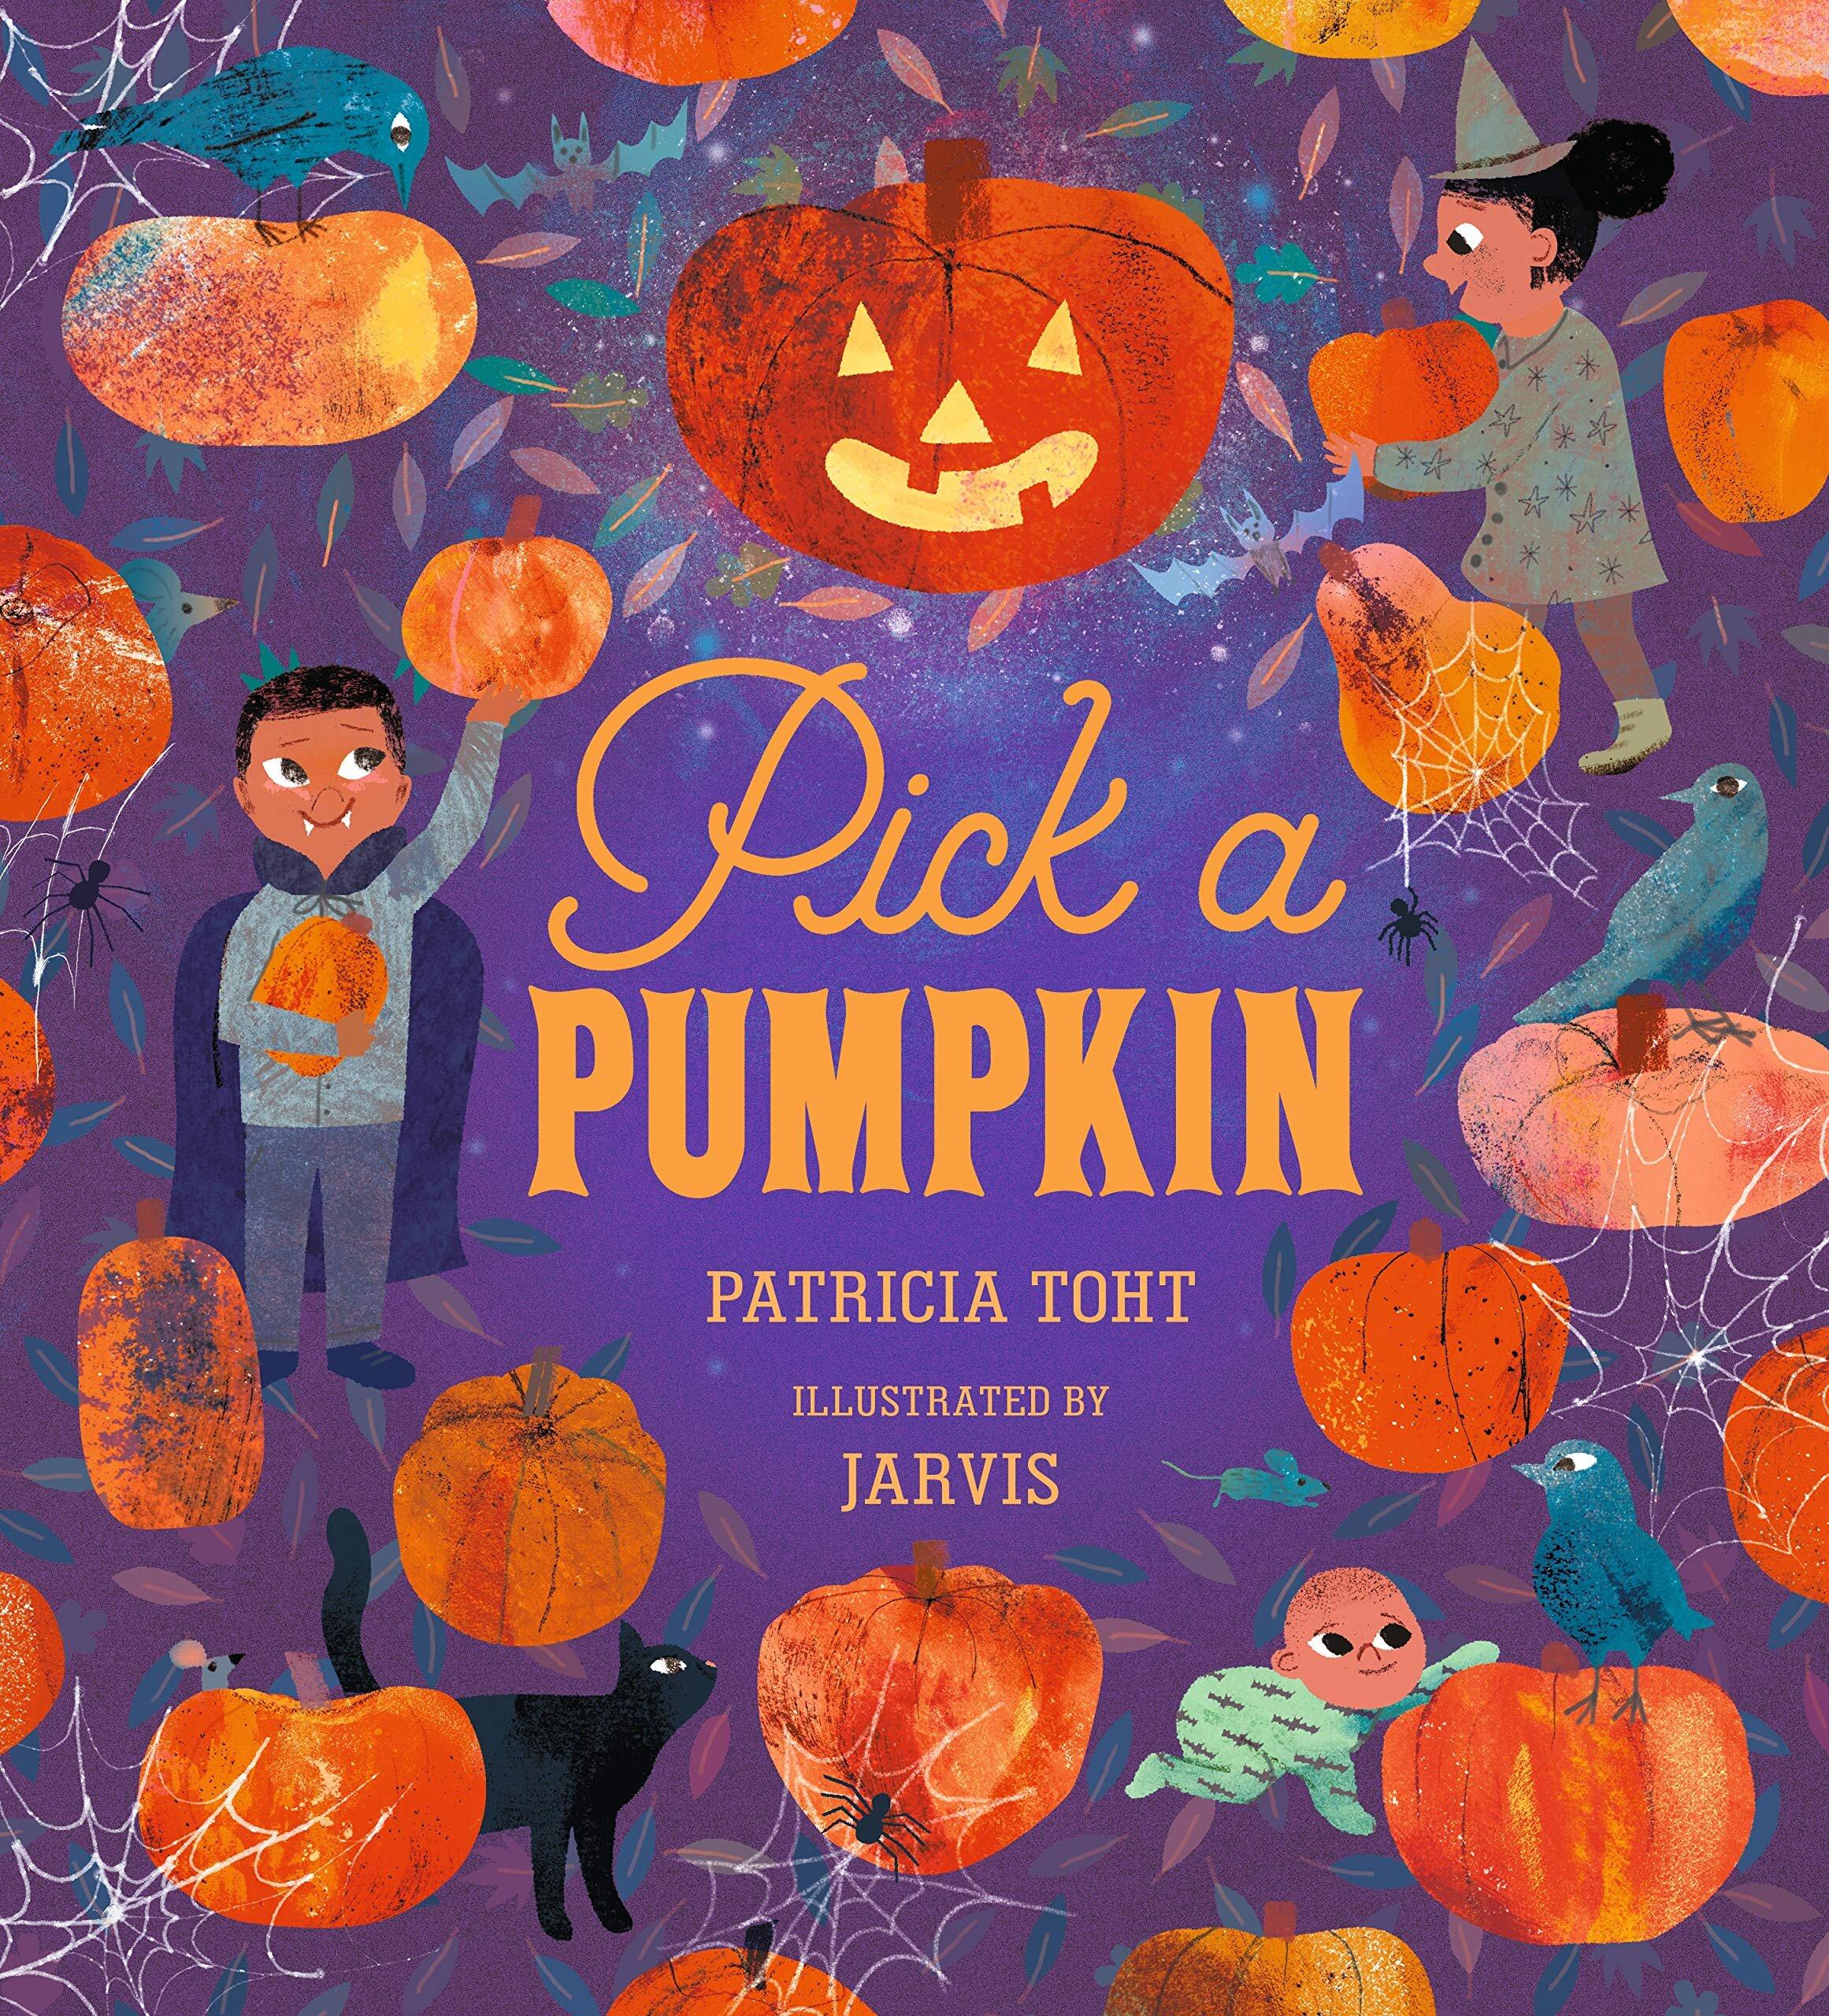 Best Halloween Picture Books of 2019 - Pick a Pumpkin.jpg